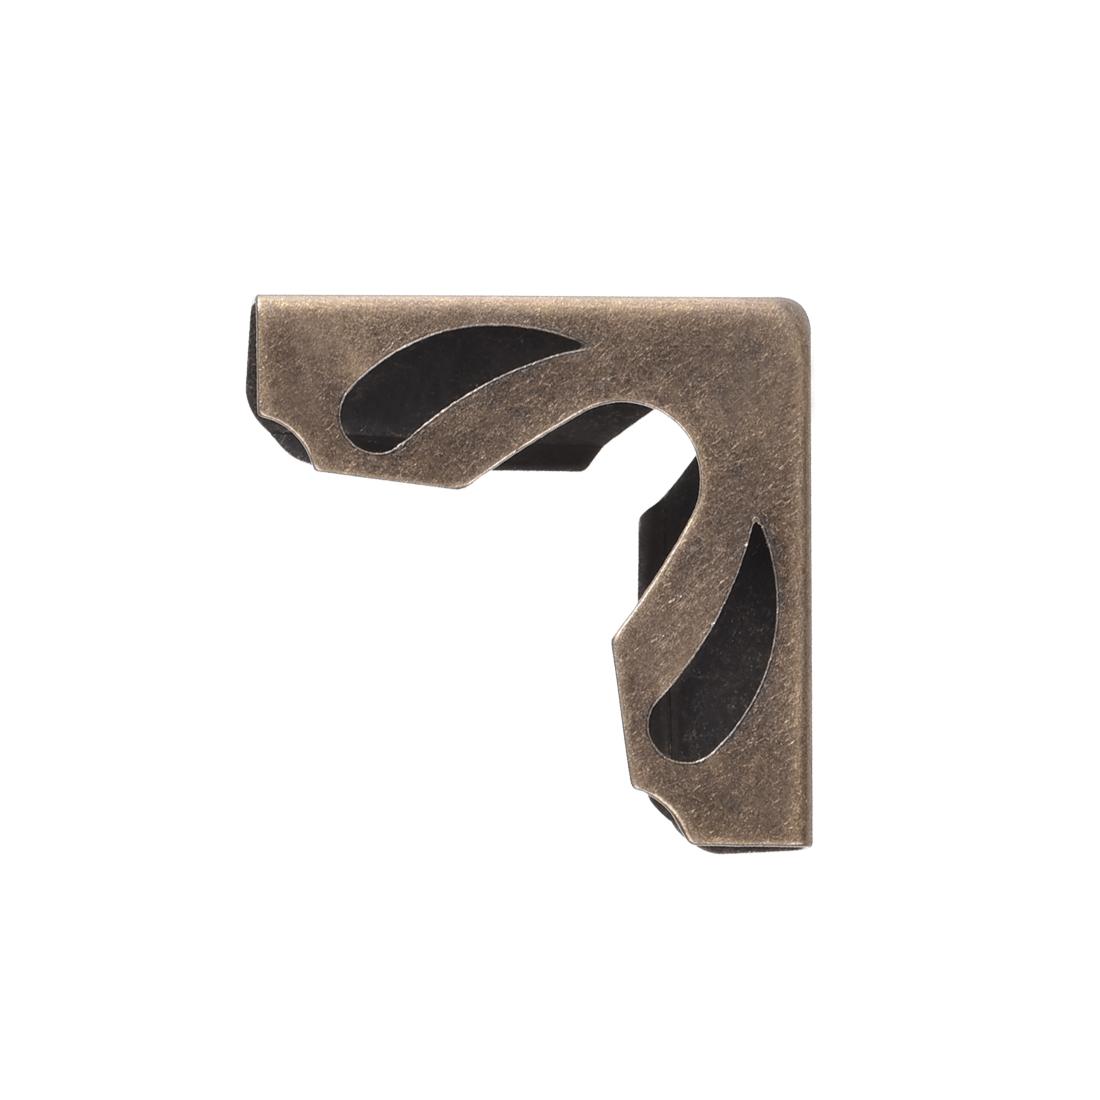 Metal Book Corner Protectors Edge Cover Guard 21 x 21 x 8.5mm Bronze Tone 40pcs